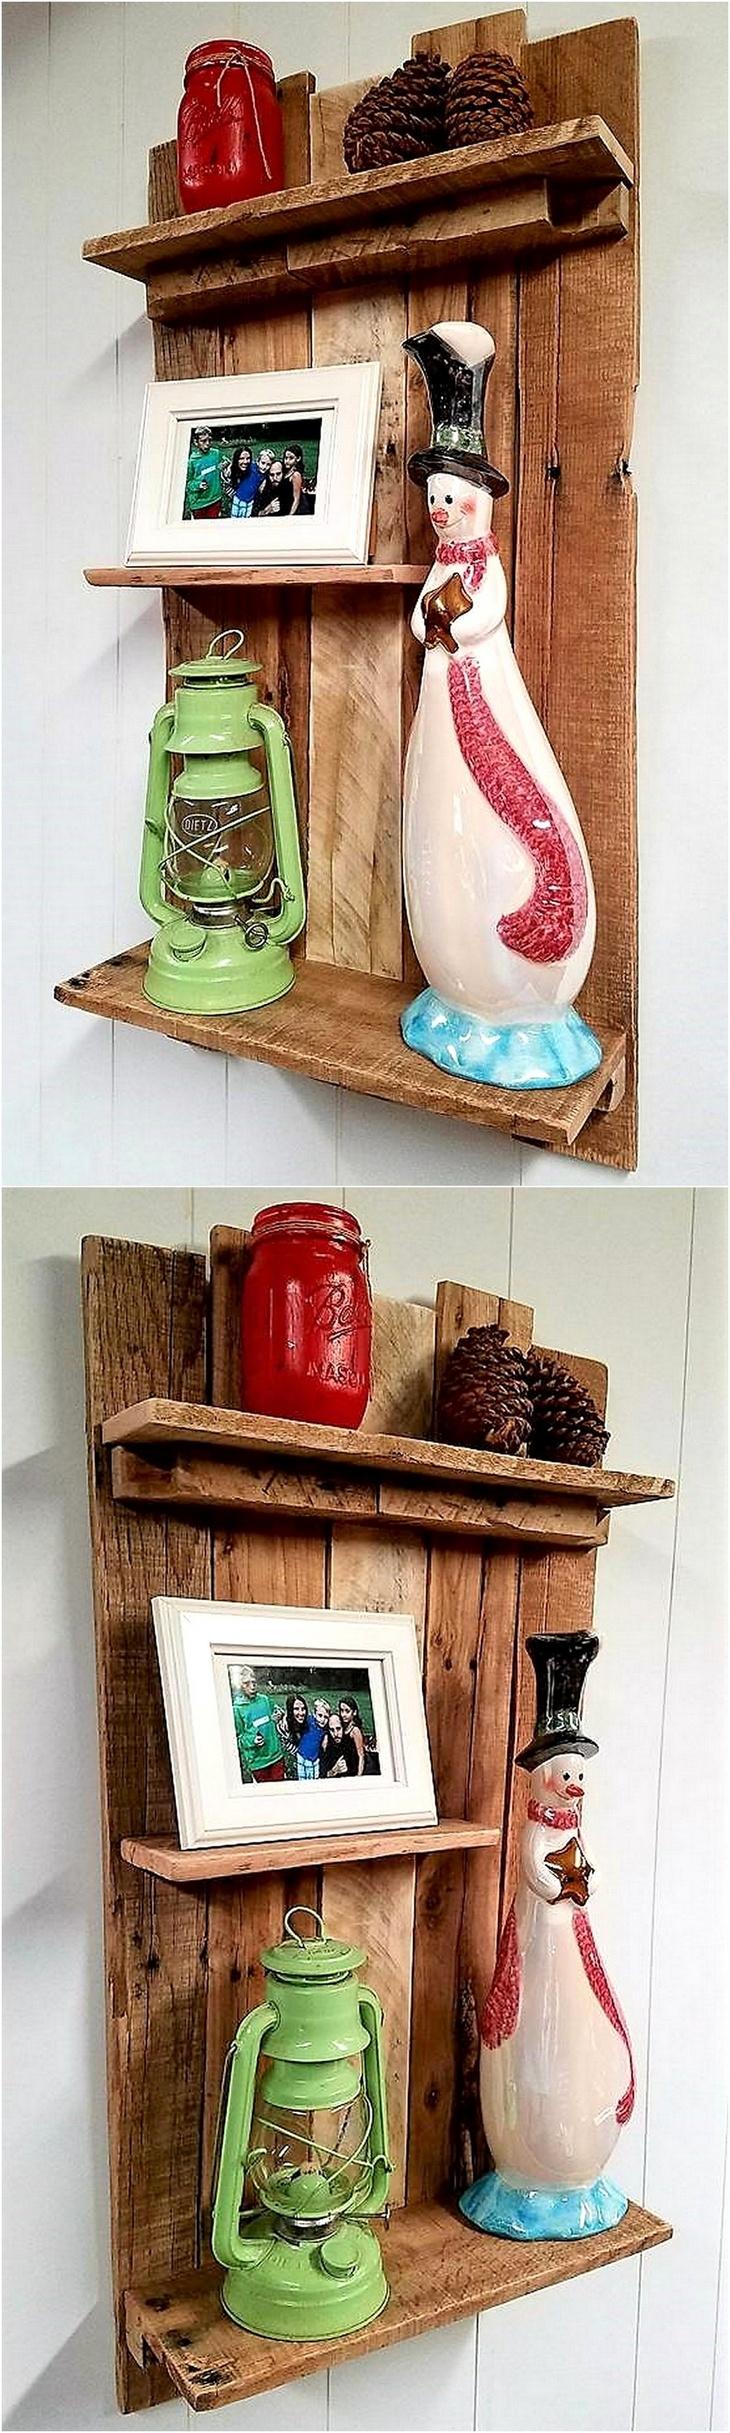 pallet-wall-shelf-art